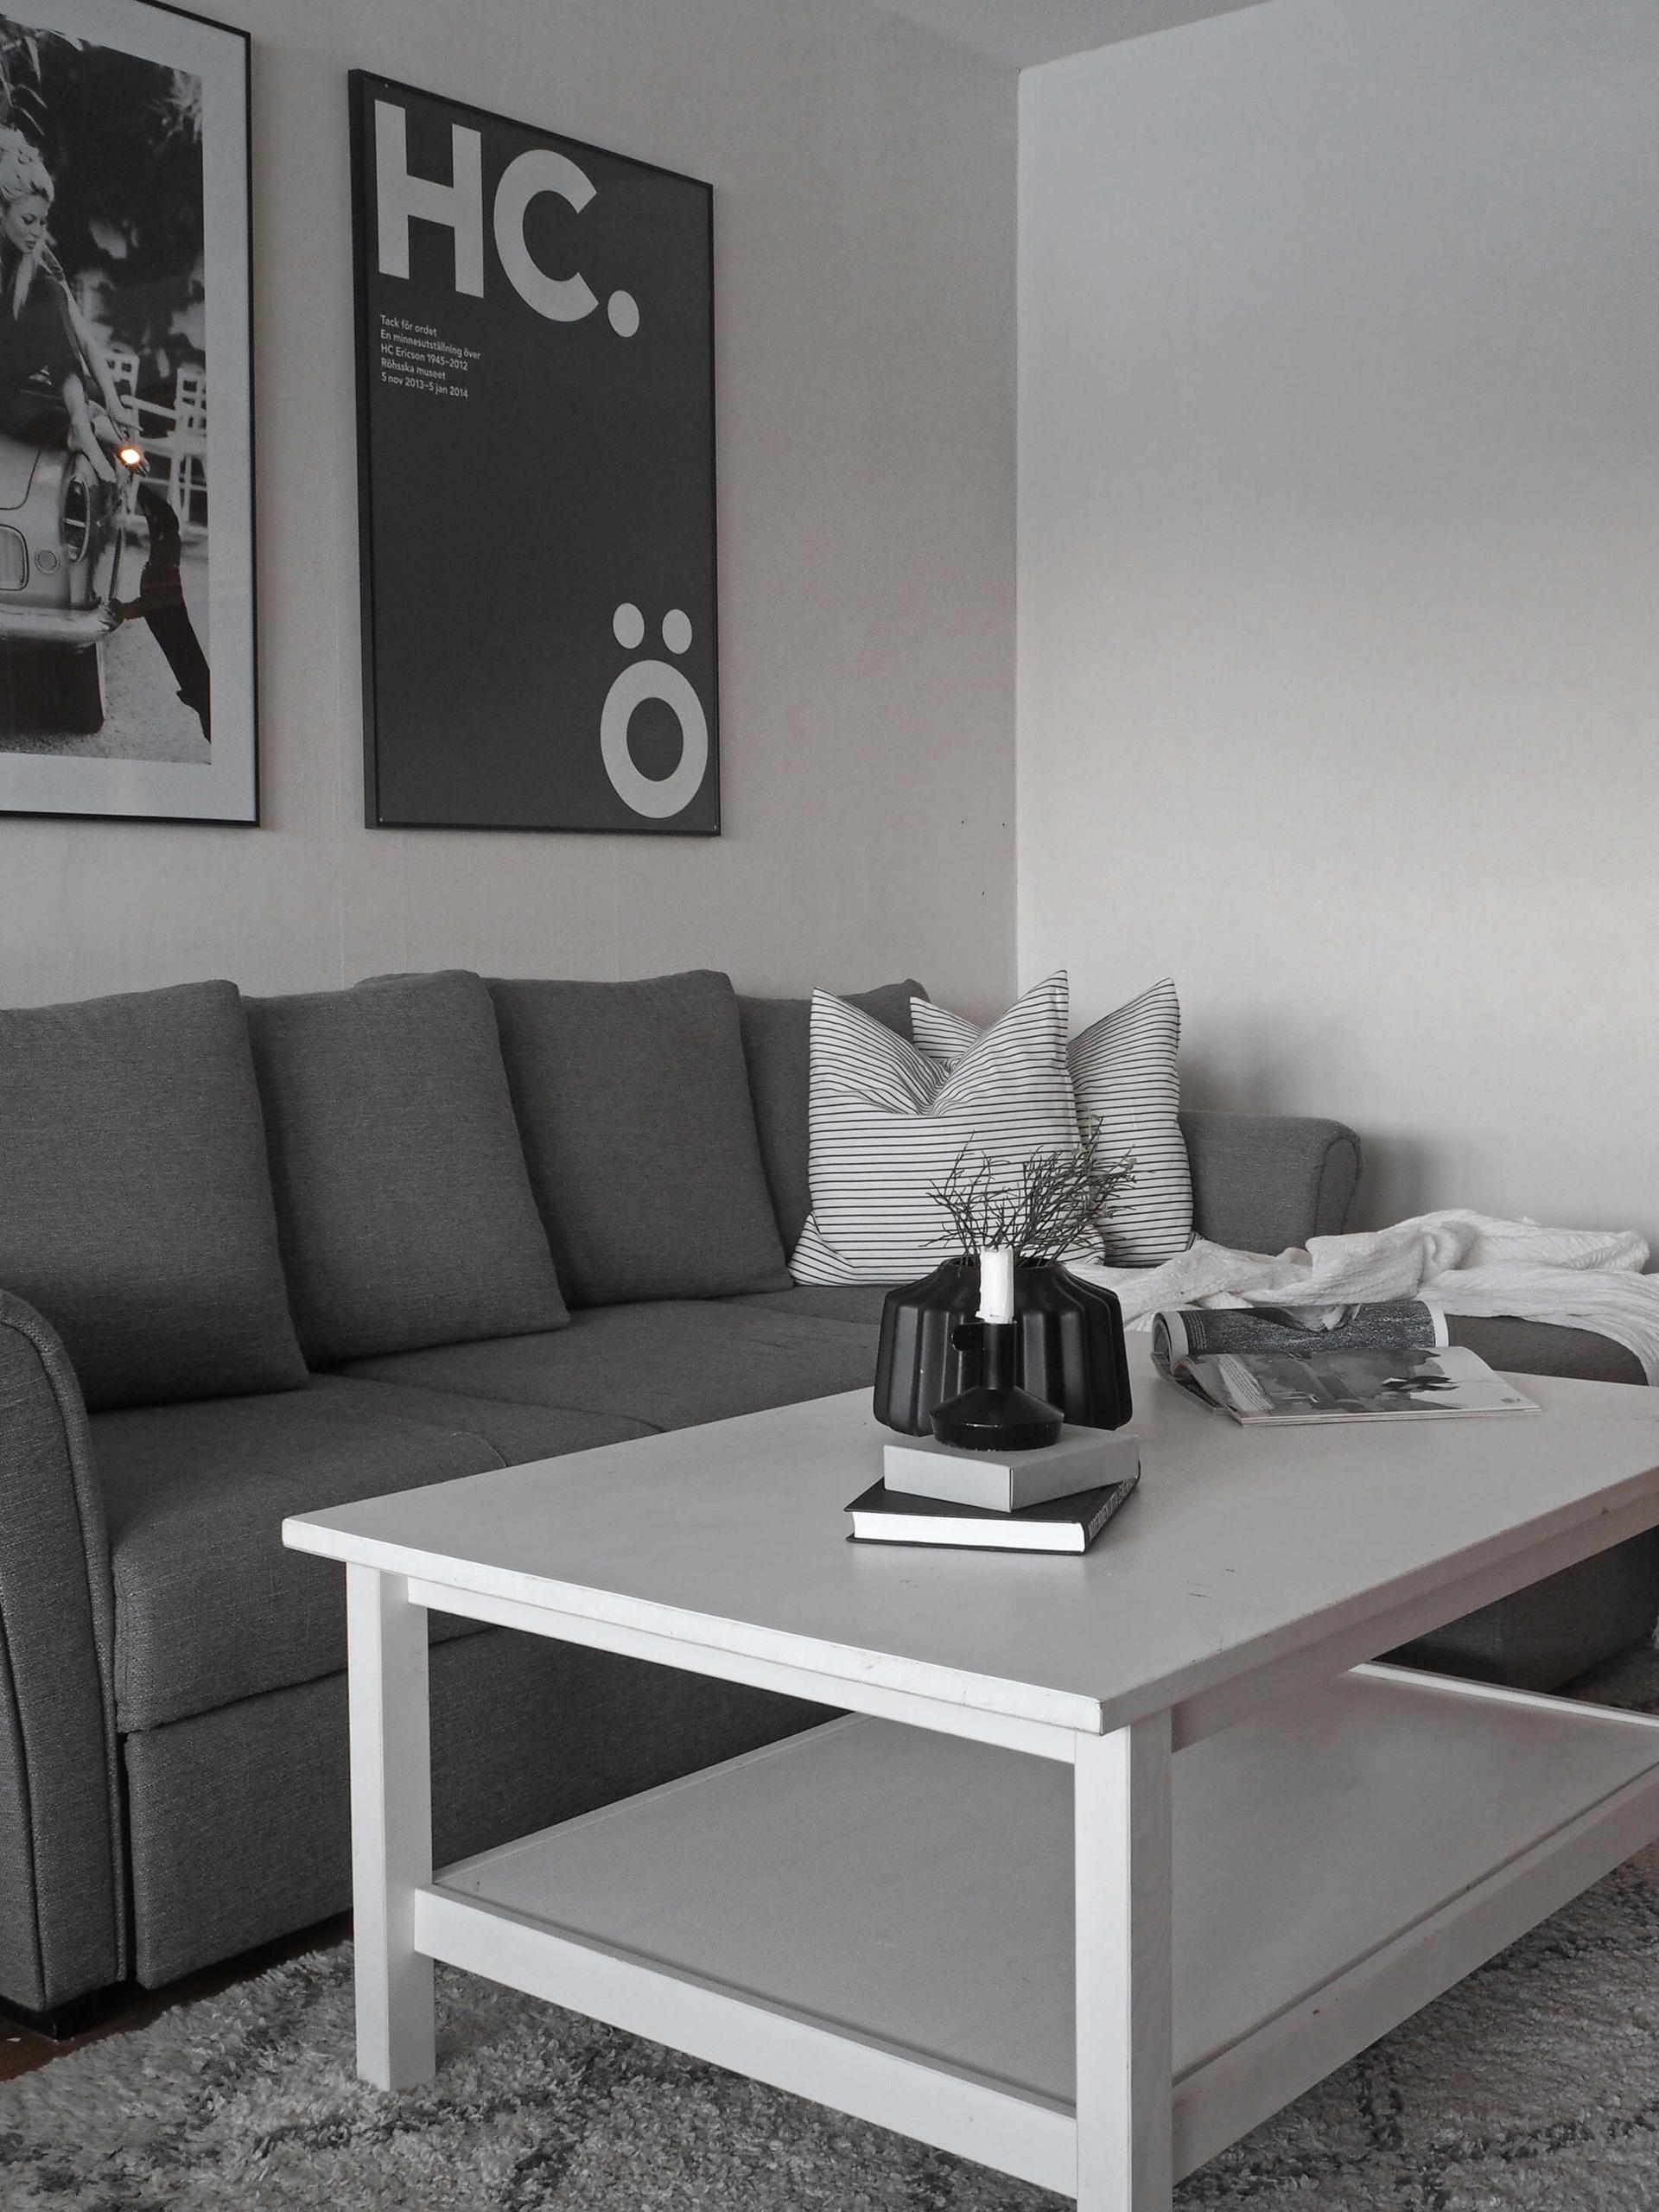 Inredning Homestyling Styling Skellefteå Inredningskonsult Emelie Jäder Fanny Granström Stylat.nu Stylat